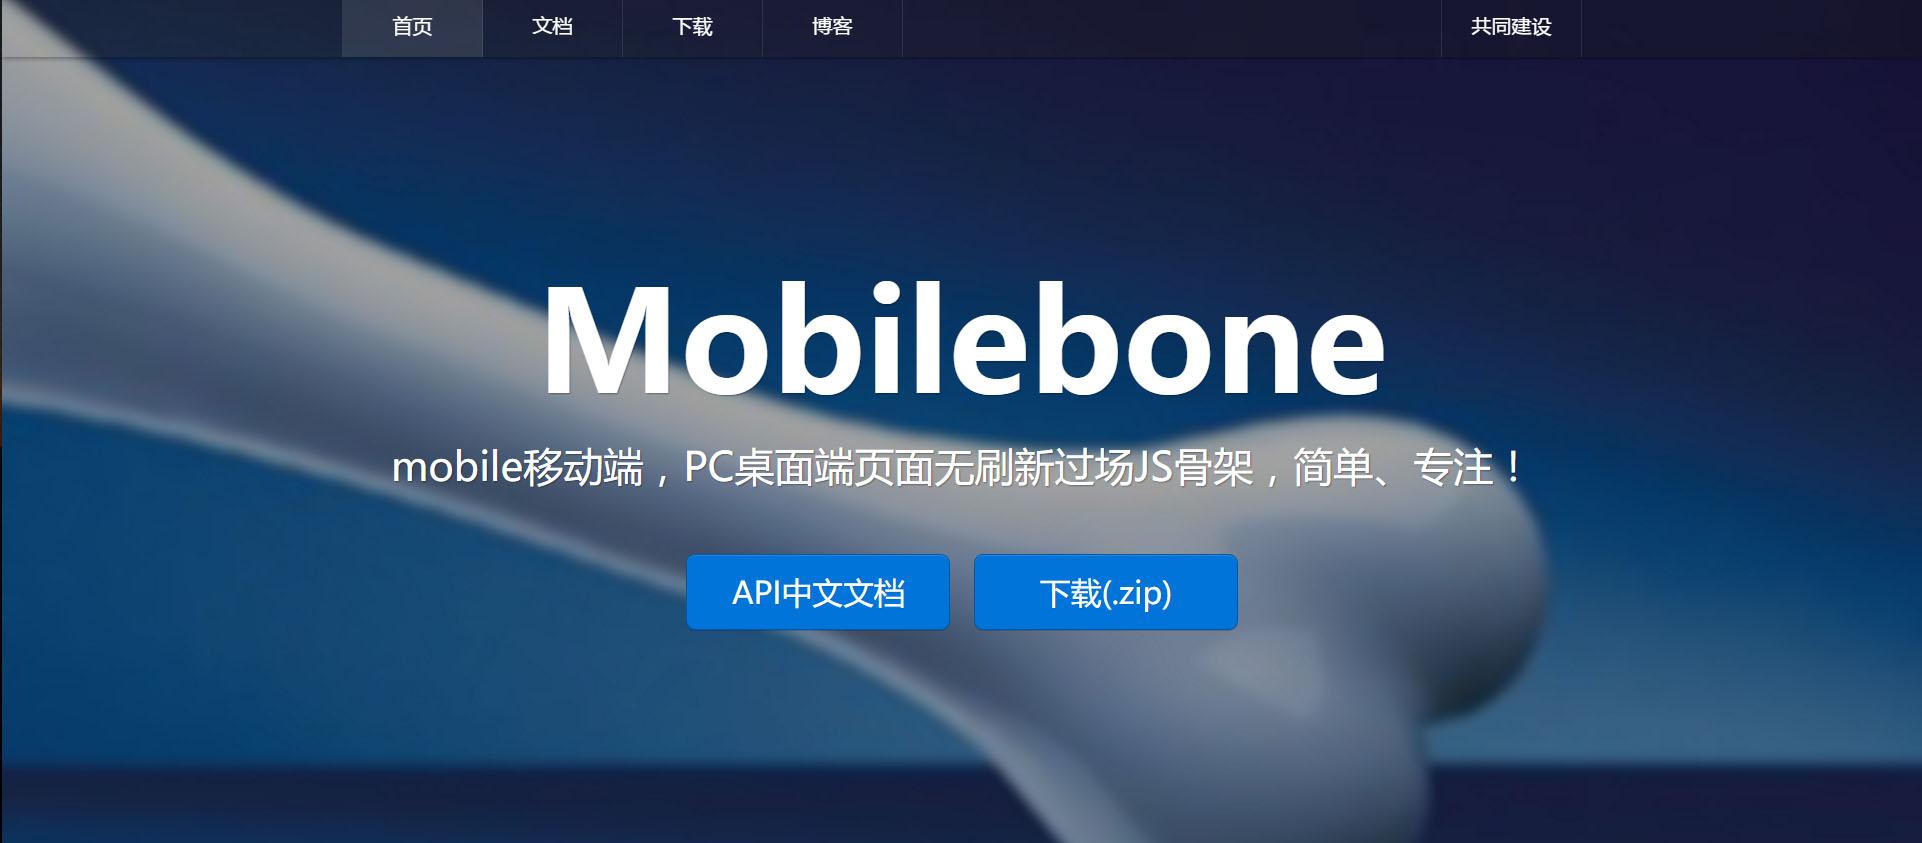 mobilebone.js-mobile移动web APP单页切换骨架